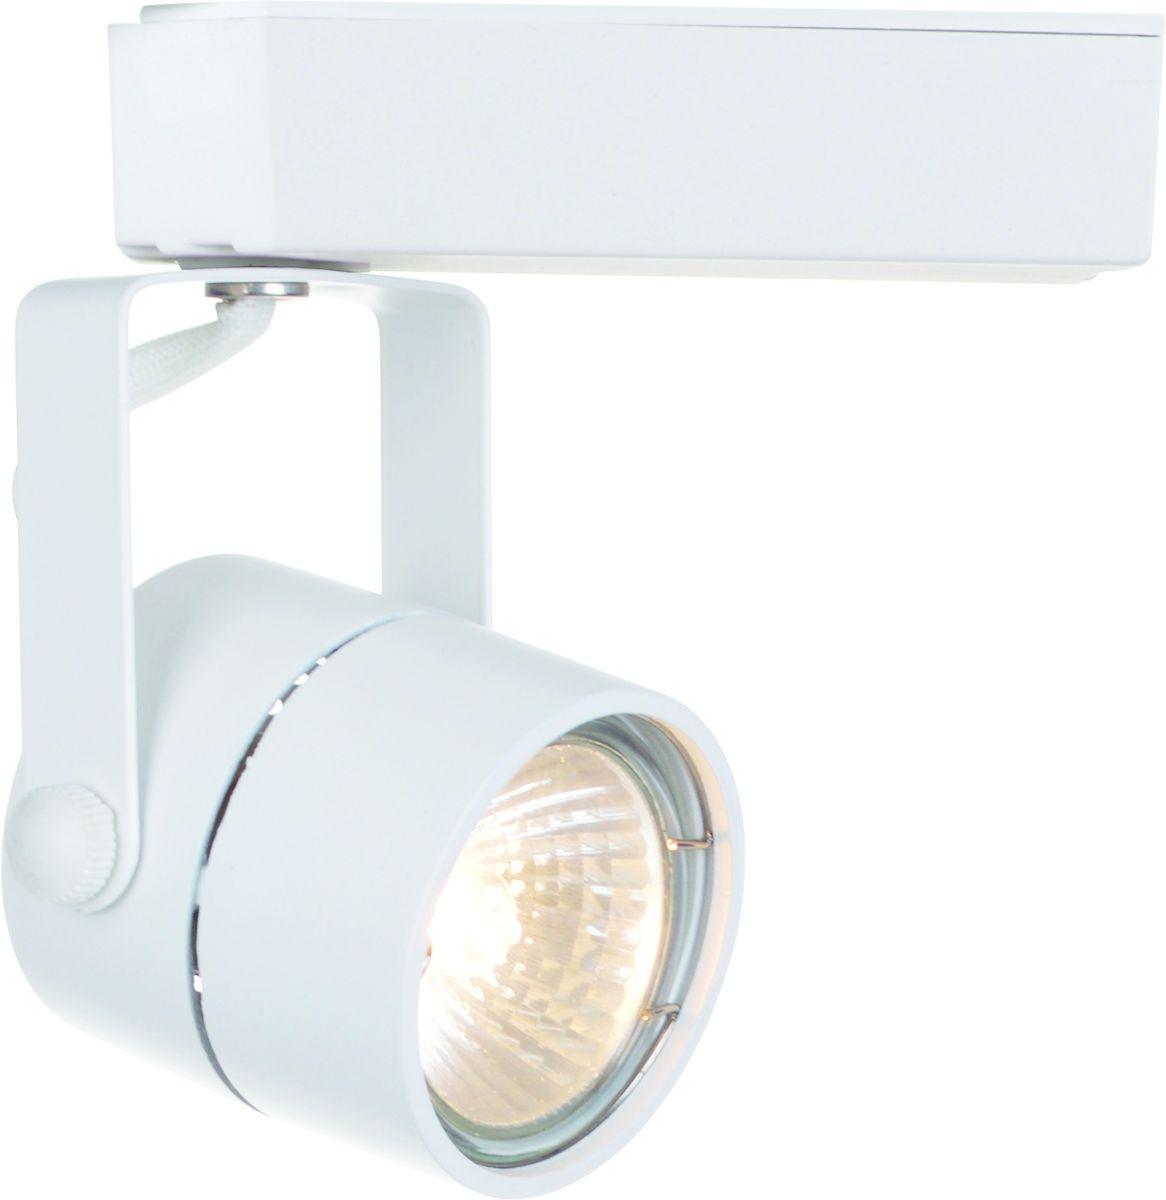 Светильник потолочный Arte Lamp Track Lights A1310PL-1WH светильник потолочный arte lamp invisible a9110pl 1wh